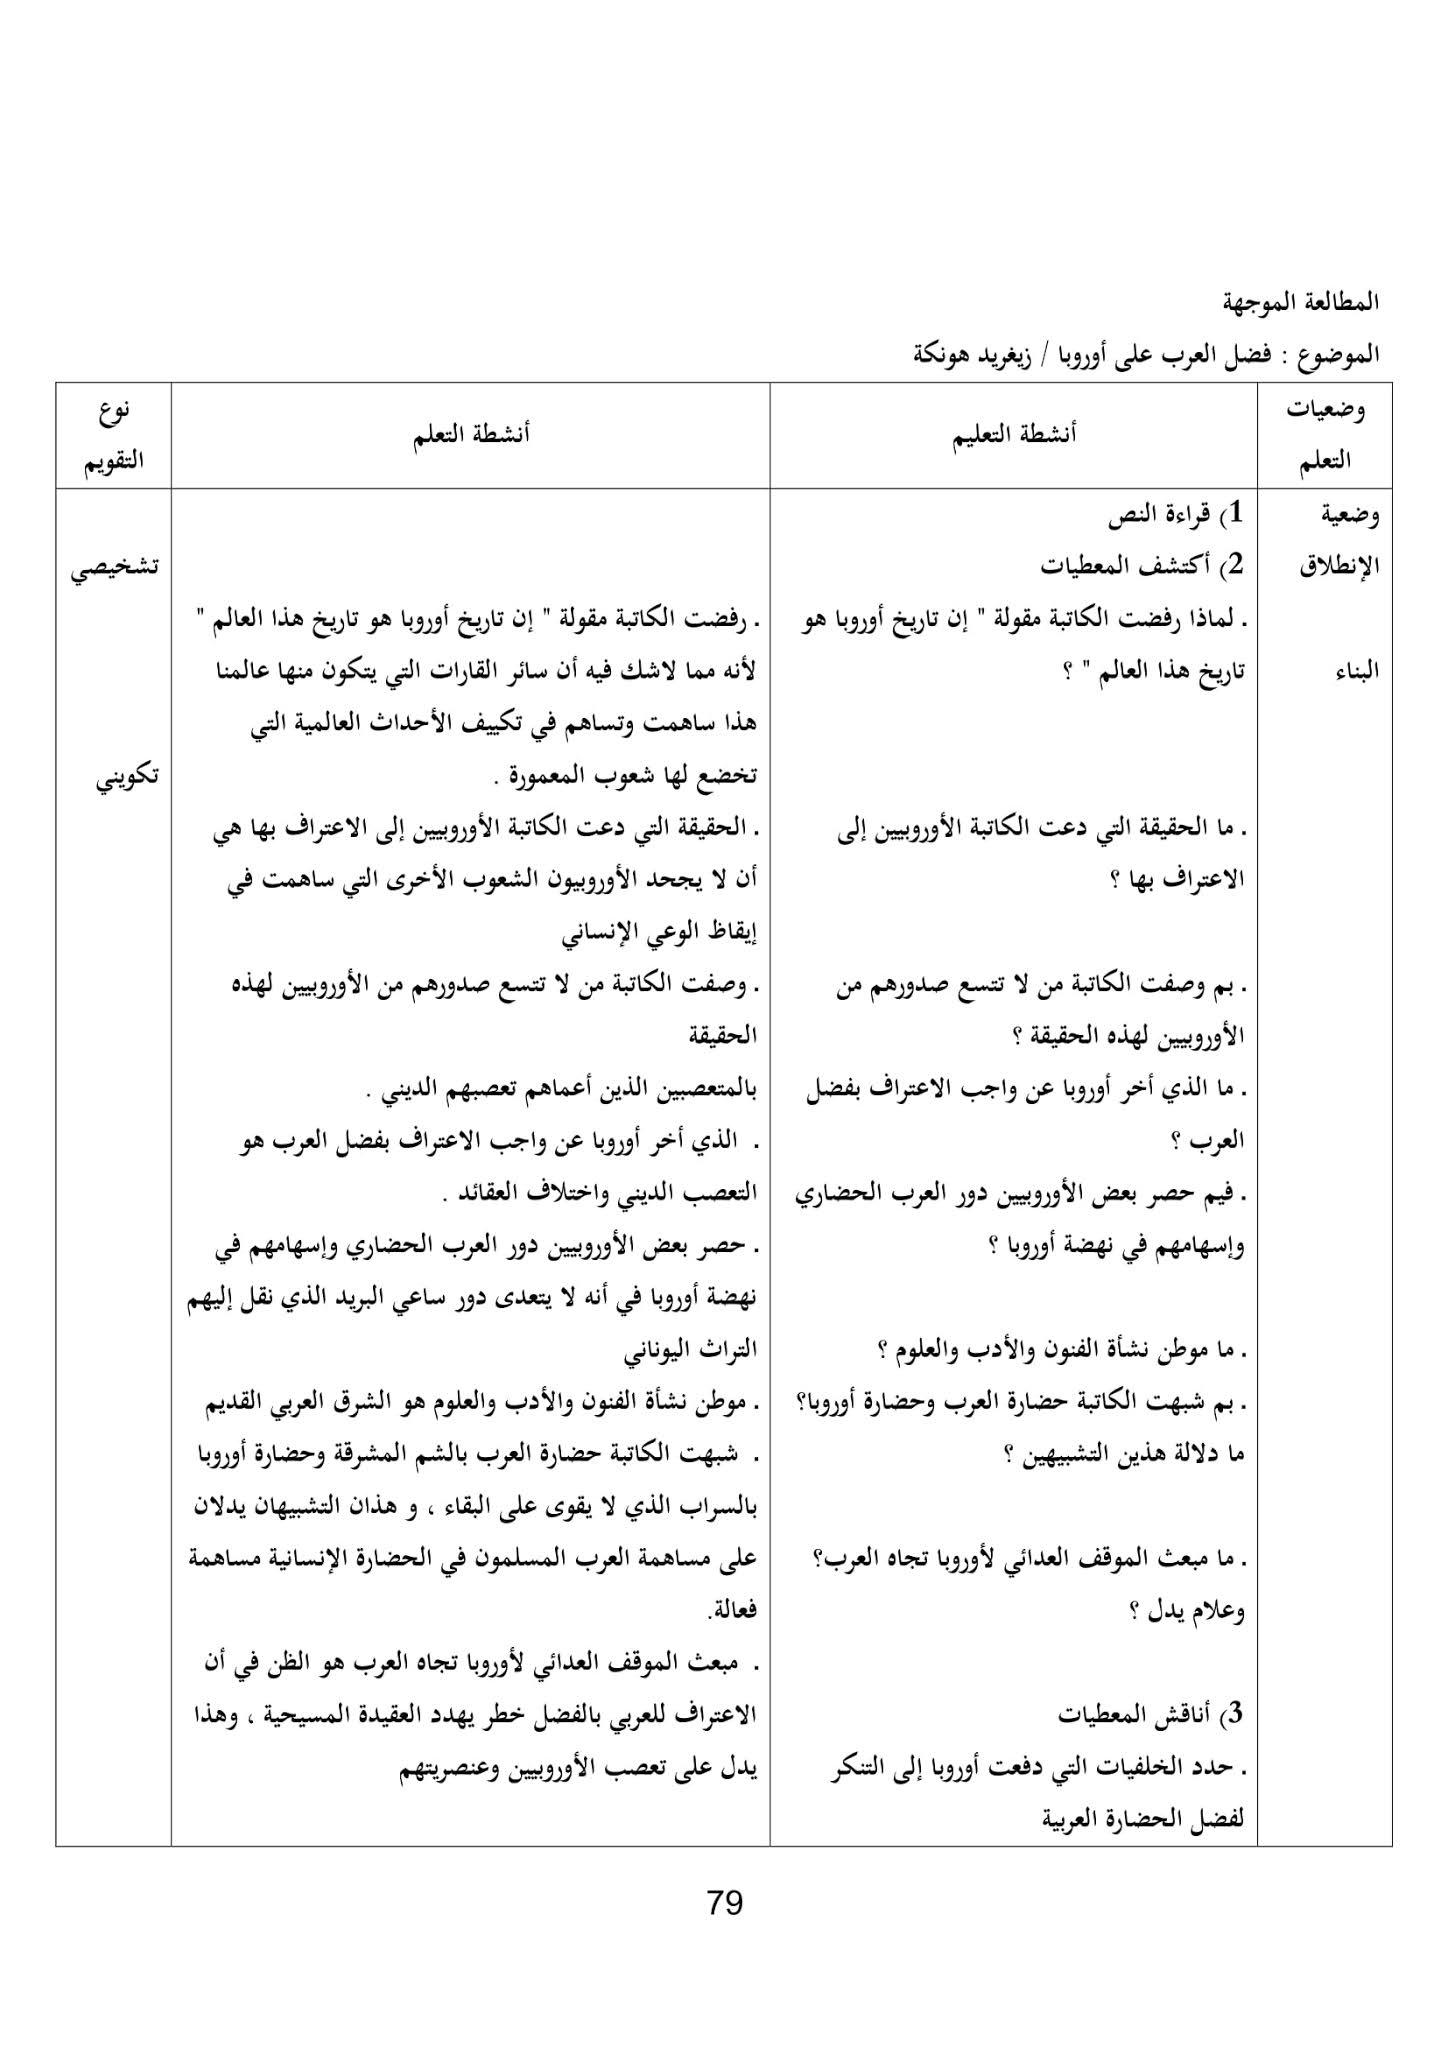 تحضير نص فضل العرب على أوروبا 1 ثانوي علمي